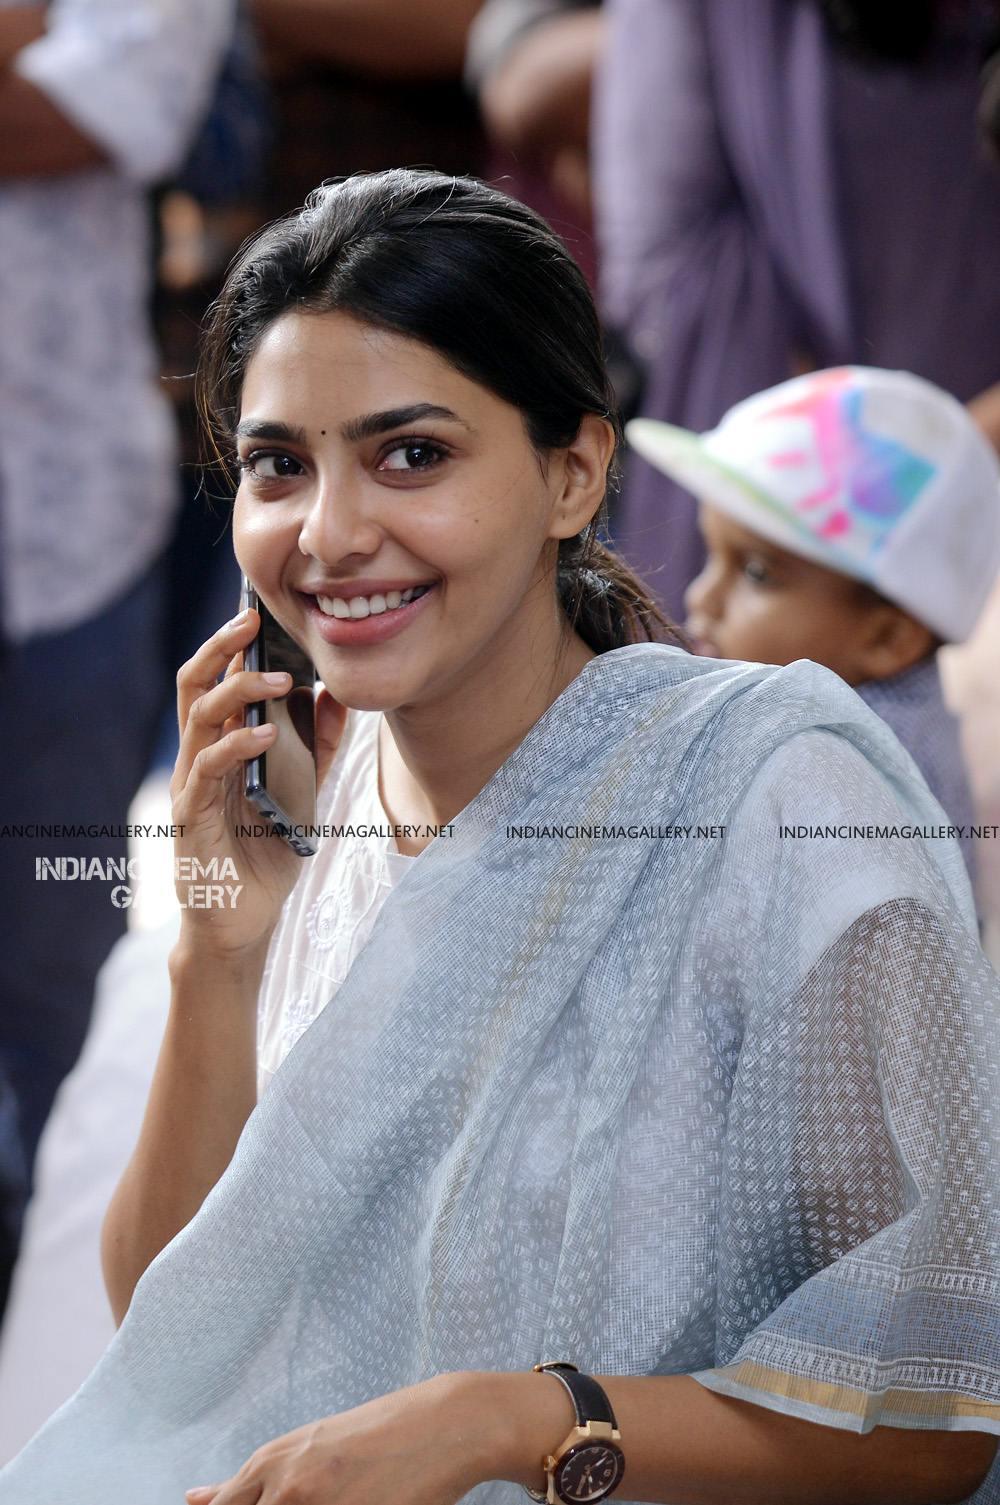 Aishwarya Lekshmi at Brothers Day movie pooja (6)